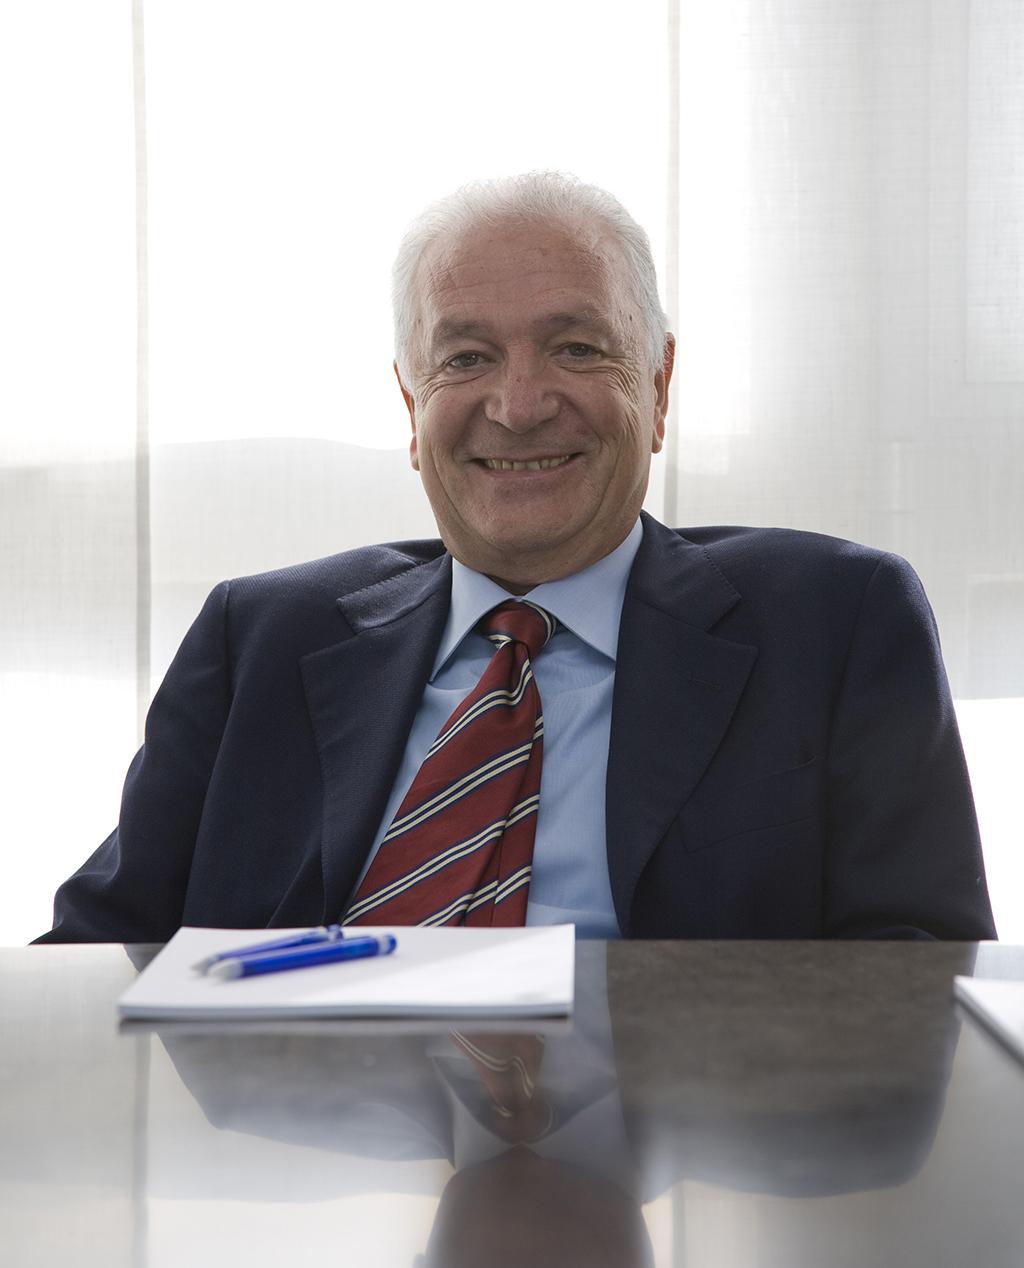 Arturo Vicari, CEO der RCF Group